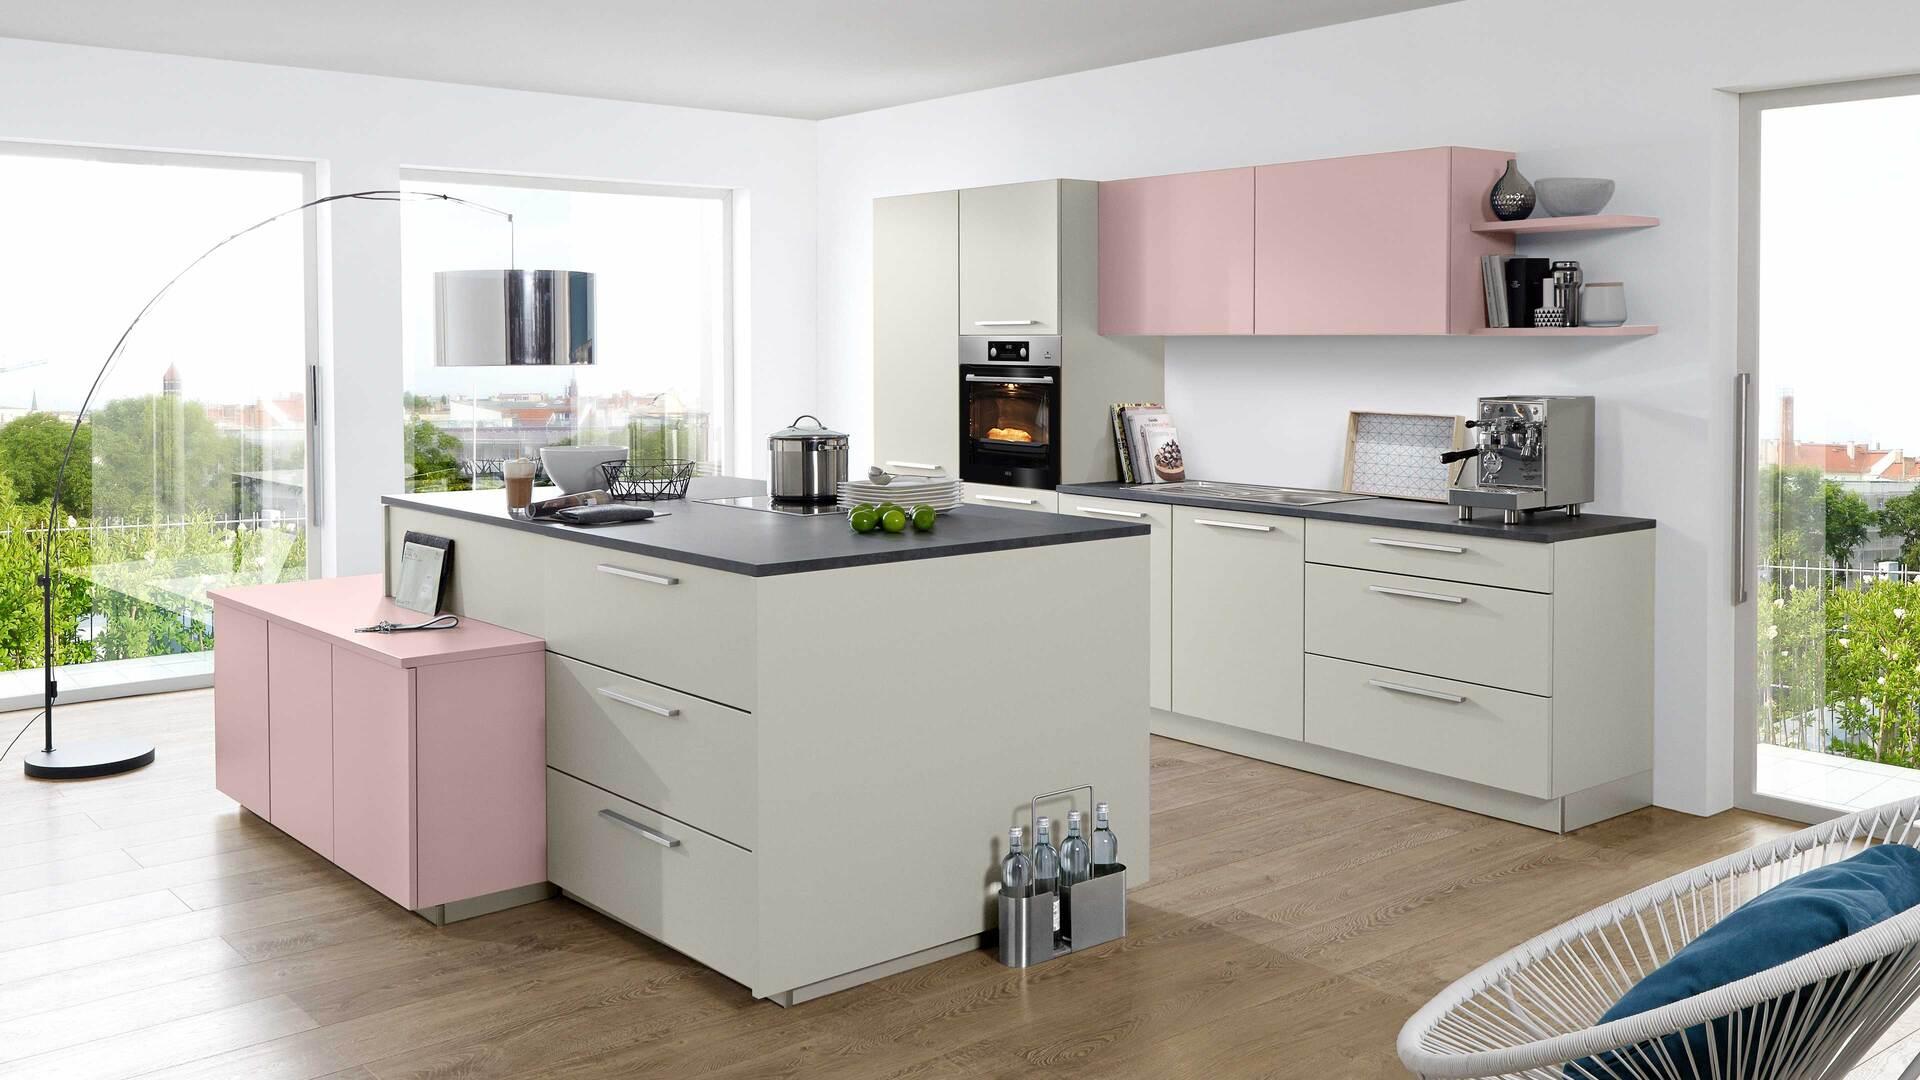 nolte Einbauküche Soft Lack mit AEG-Einbaugeräten